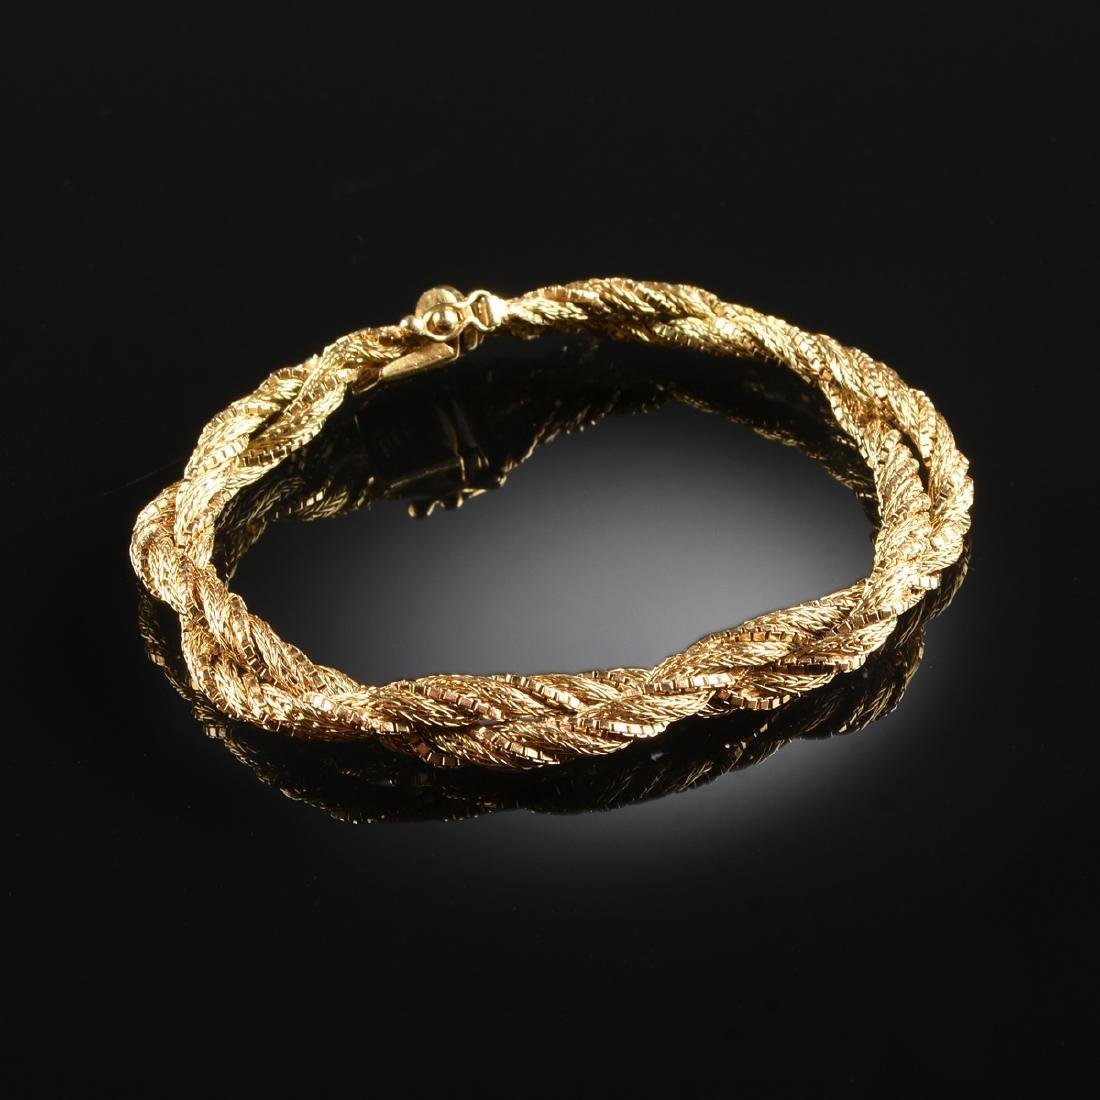 AN 18K YELLOW GOLD LADY'S BRACELET,